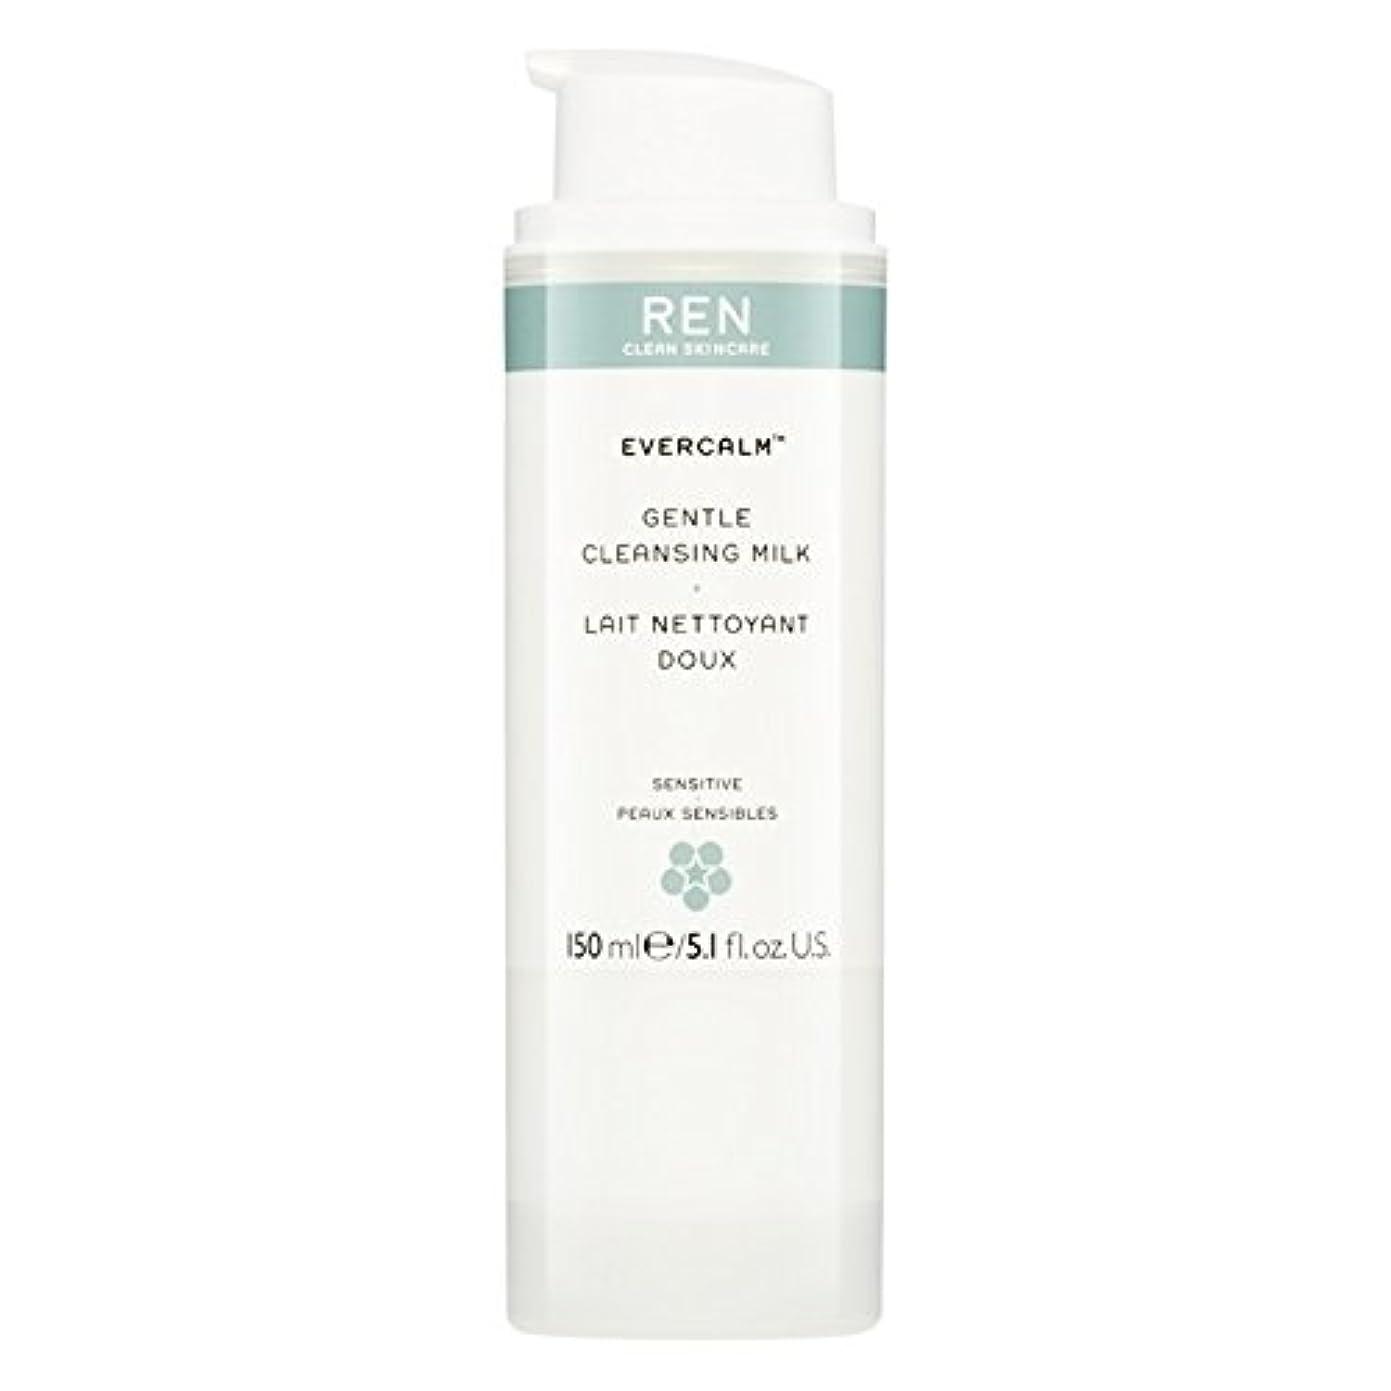 スナック賞涙Ren Evercalm優しいクレンジングミルク、150ミリリットル (REN) (x2) - REN Evercalm Gentle Cleansing Milk, 150ml (Pack of 2) [並行輸入品]